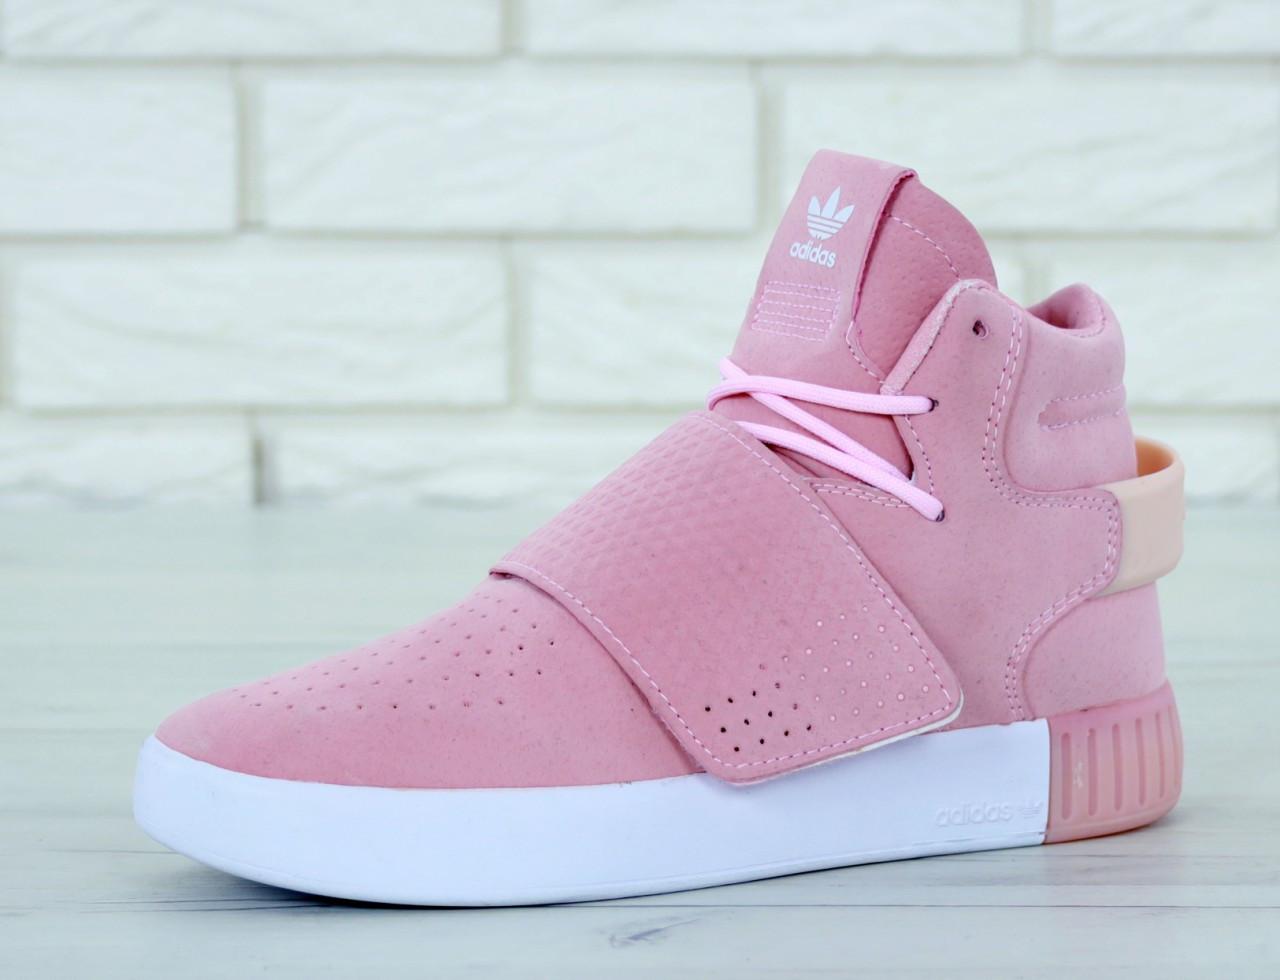 8f36ba960 Кроссовки женские замшевые высокие розовые весенние Adidas Tubular Адидас  Тубулар